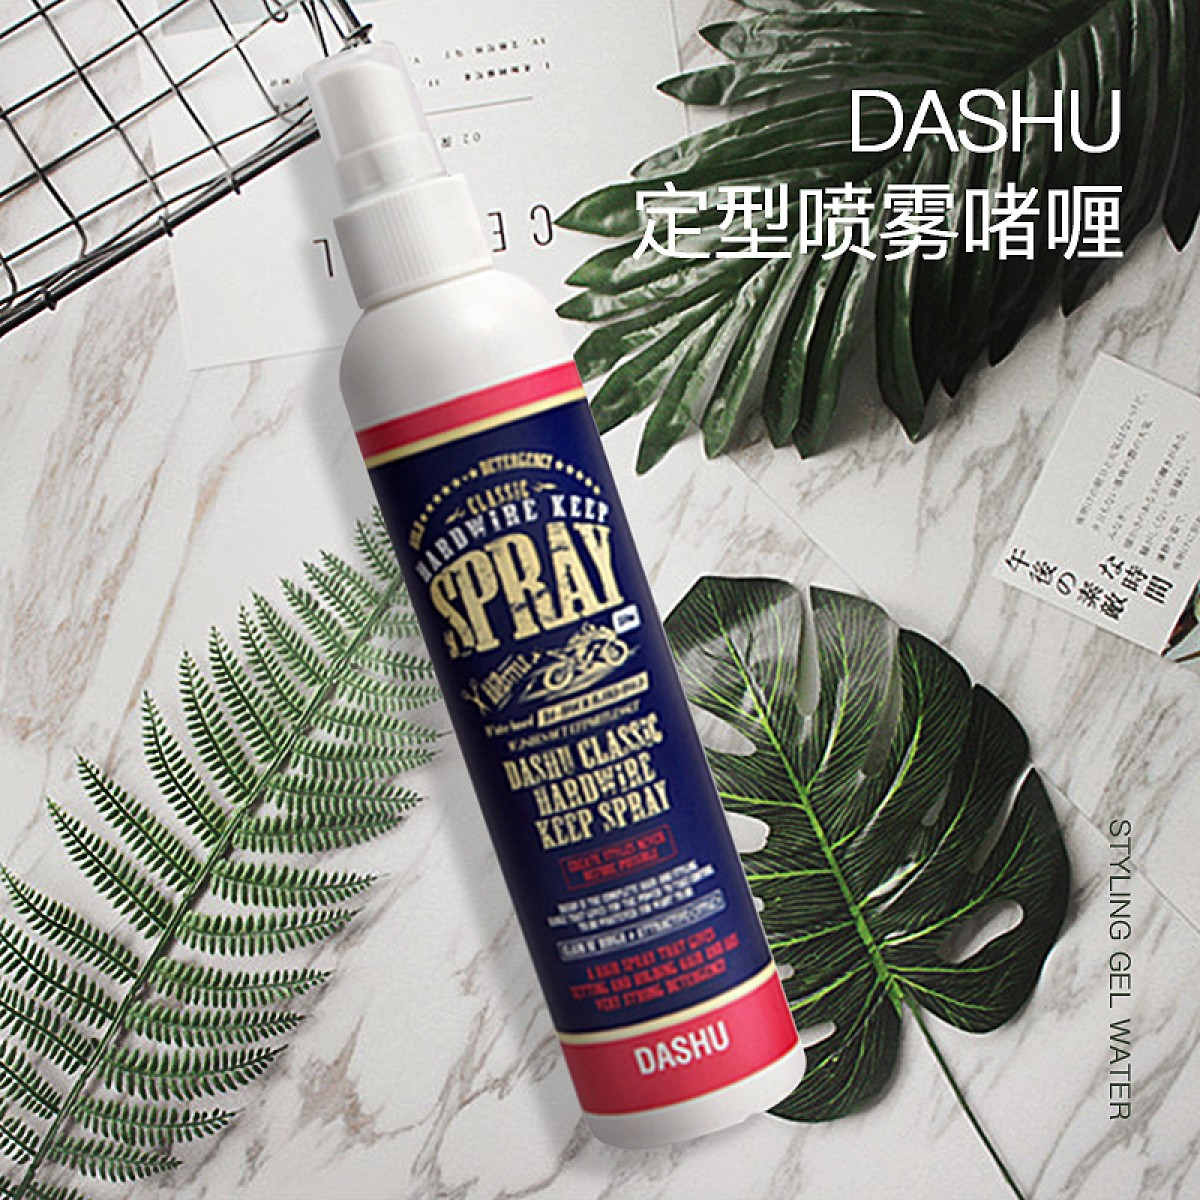 韩国进口 DASHU啫喱水造型持久定型锁水喷雾无白屑蓬松男女清香